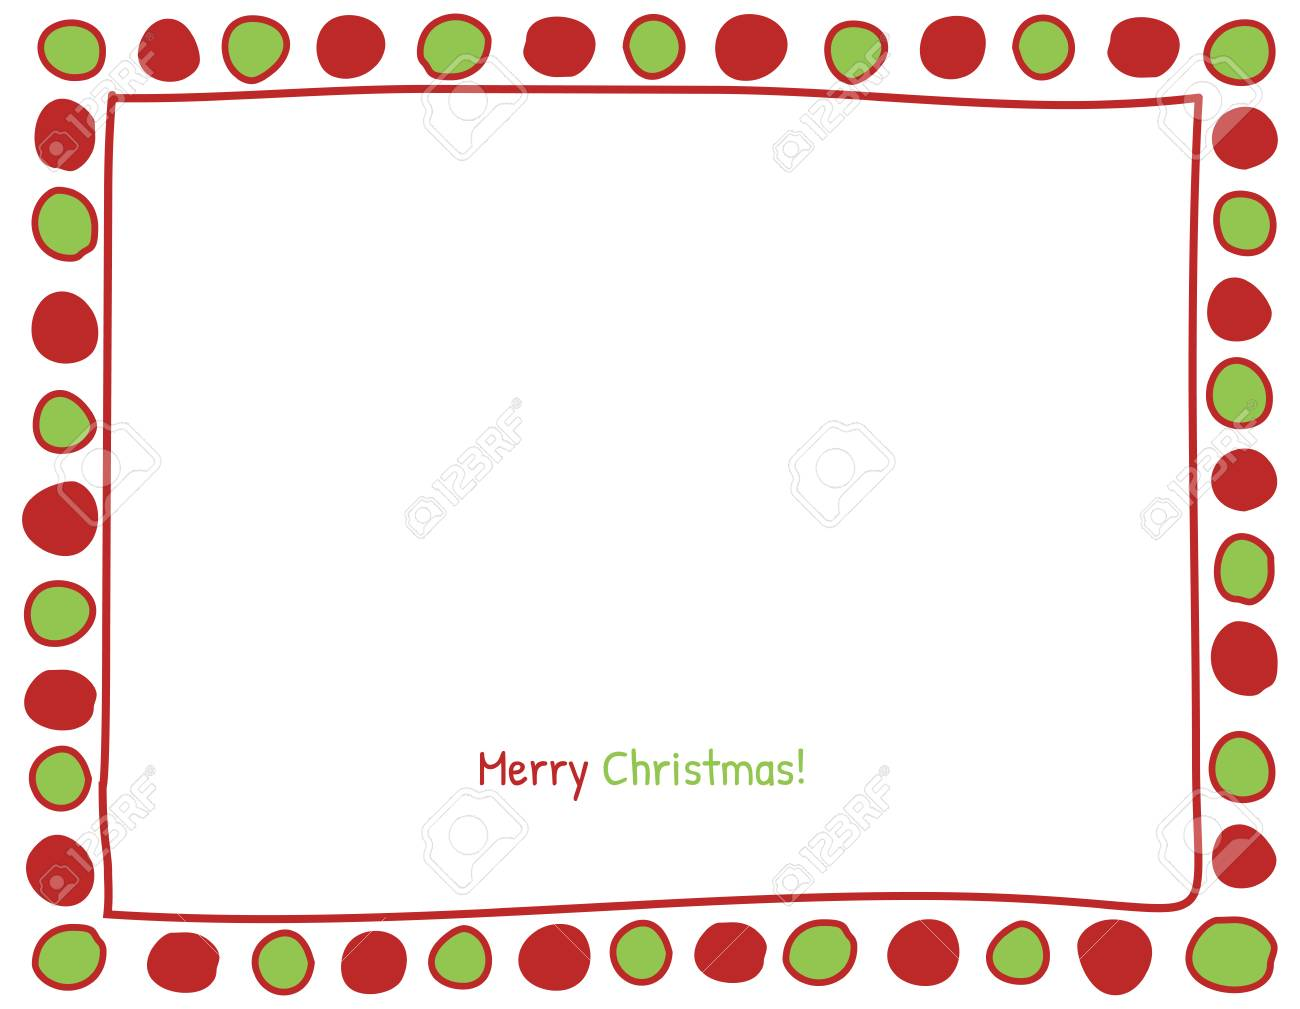 Weihnachten Rot Und Grün-Kreis-Hintergrund. Foto-Rahmen-Grenze ...